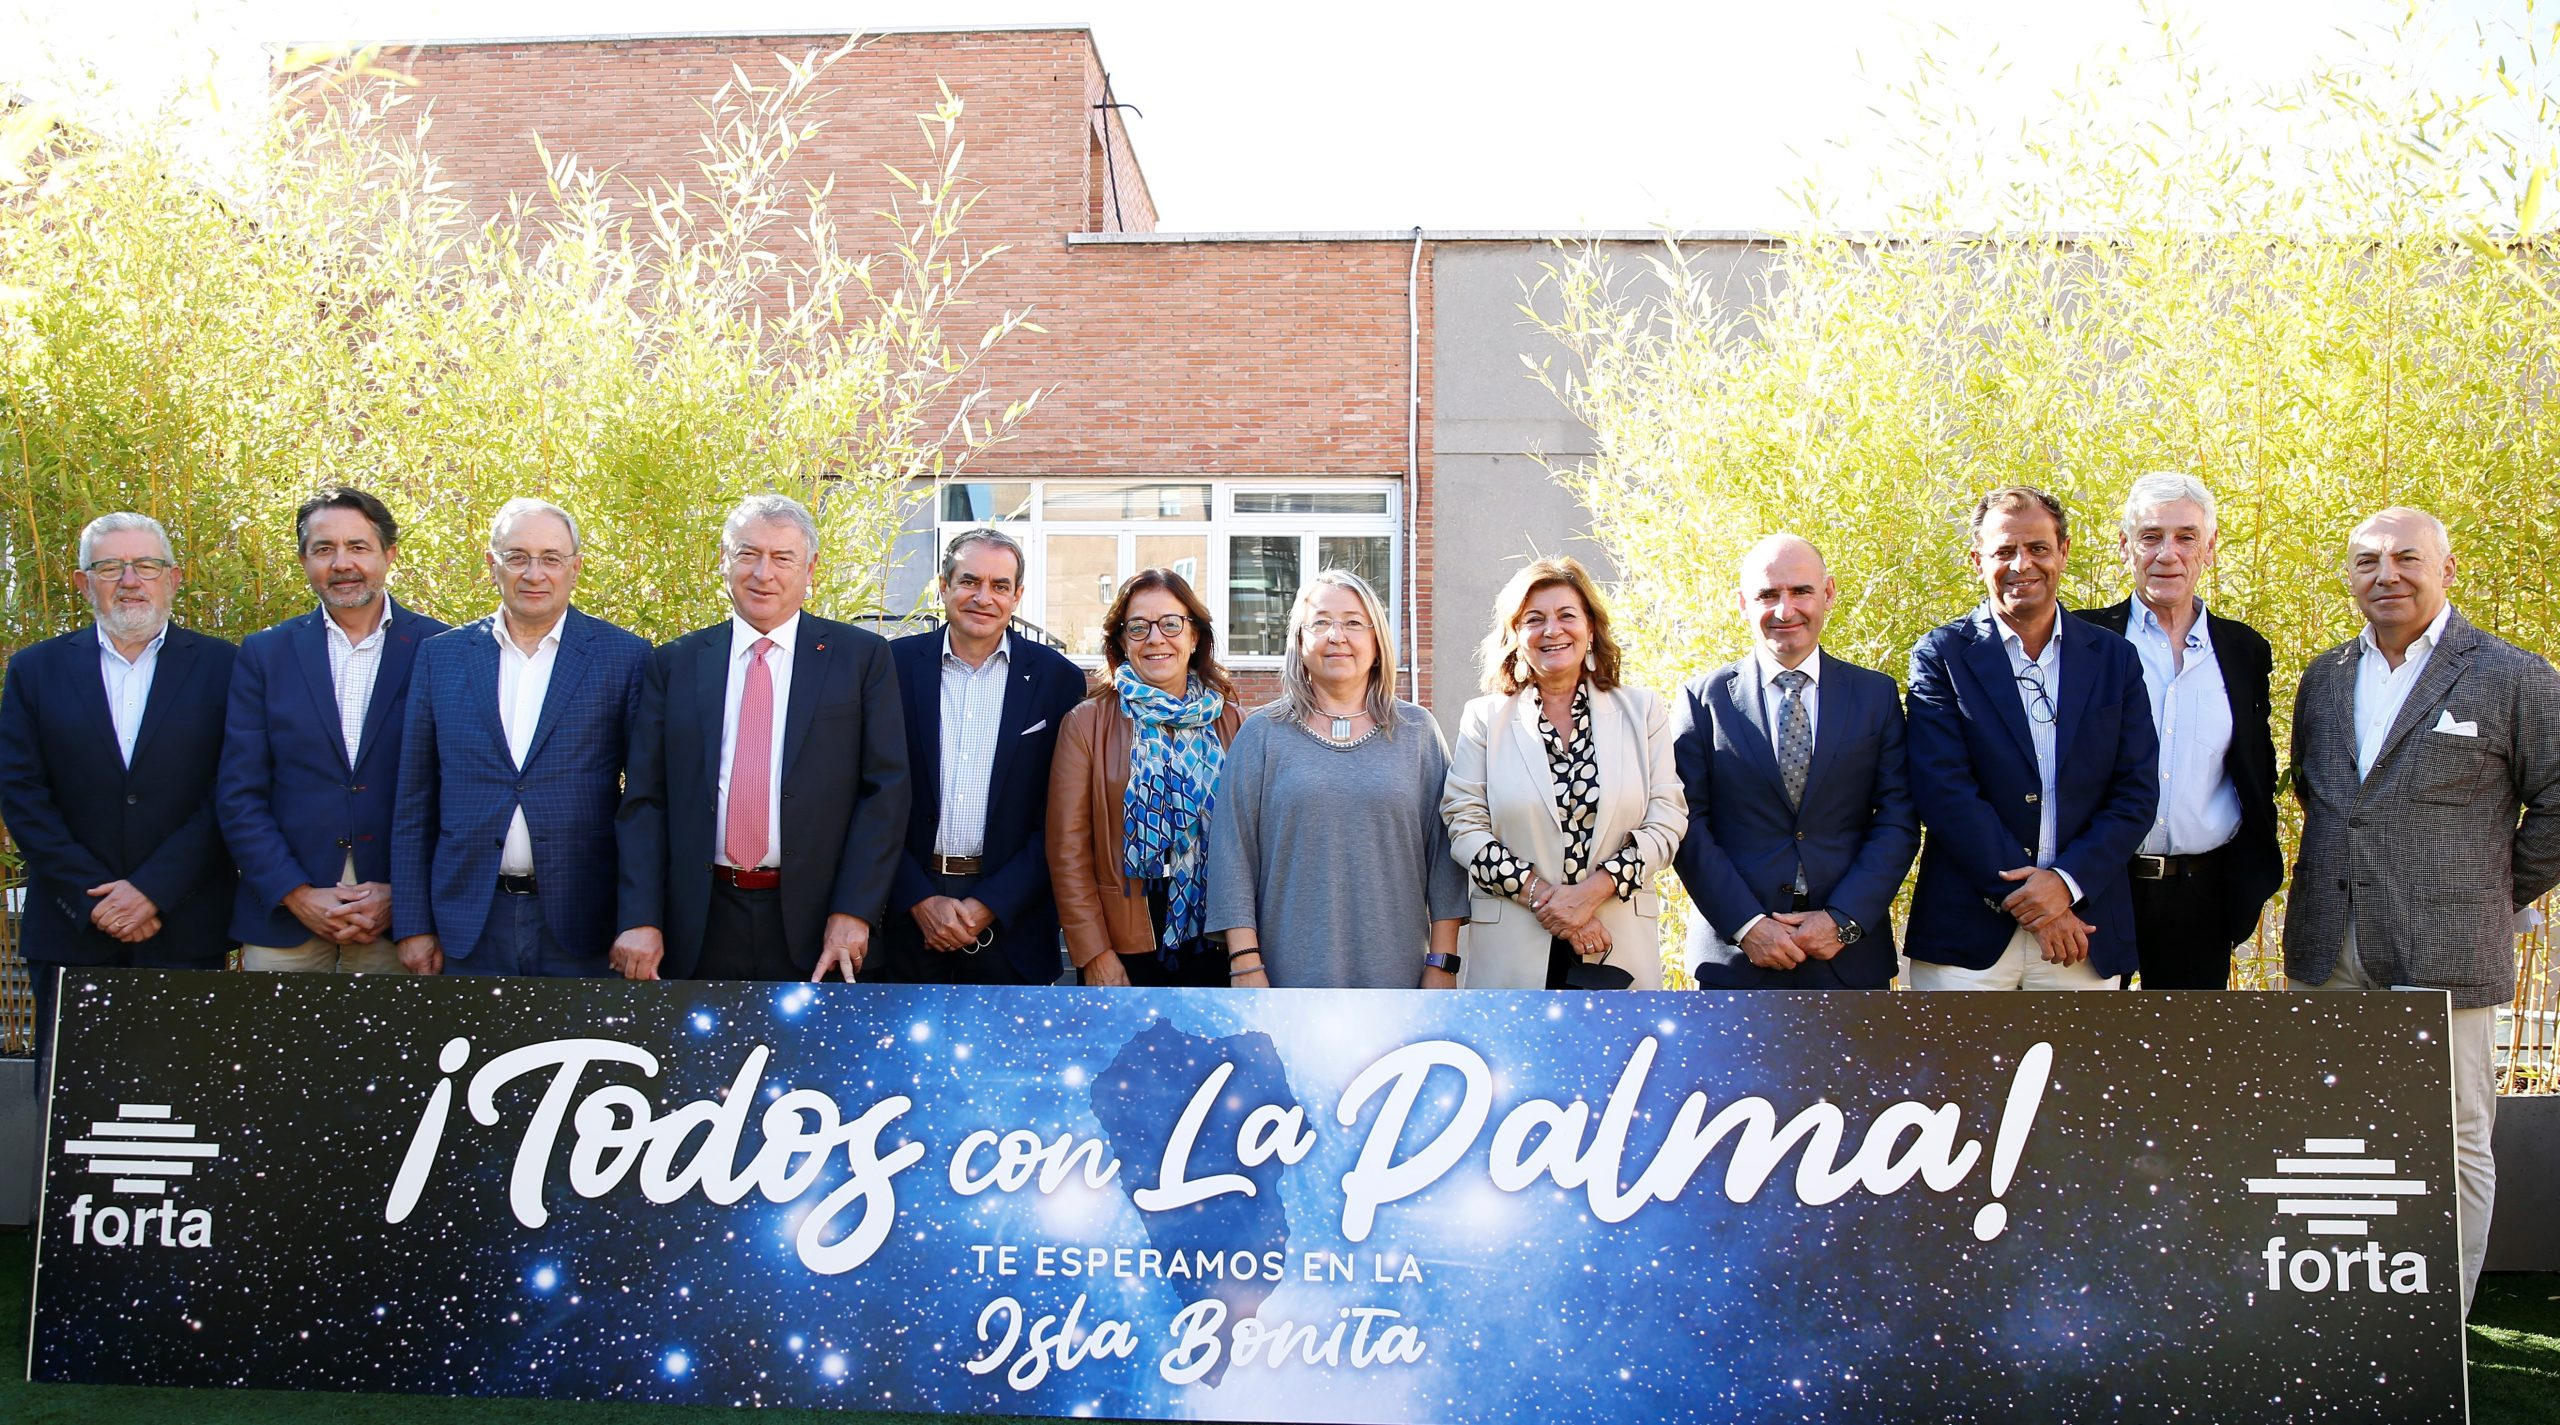 RTVC rinde homenaje a La Palma cuando se cumple un mes de la erupción del volcán